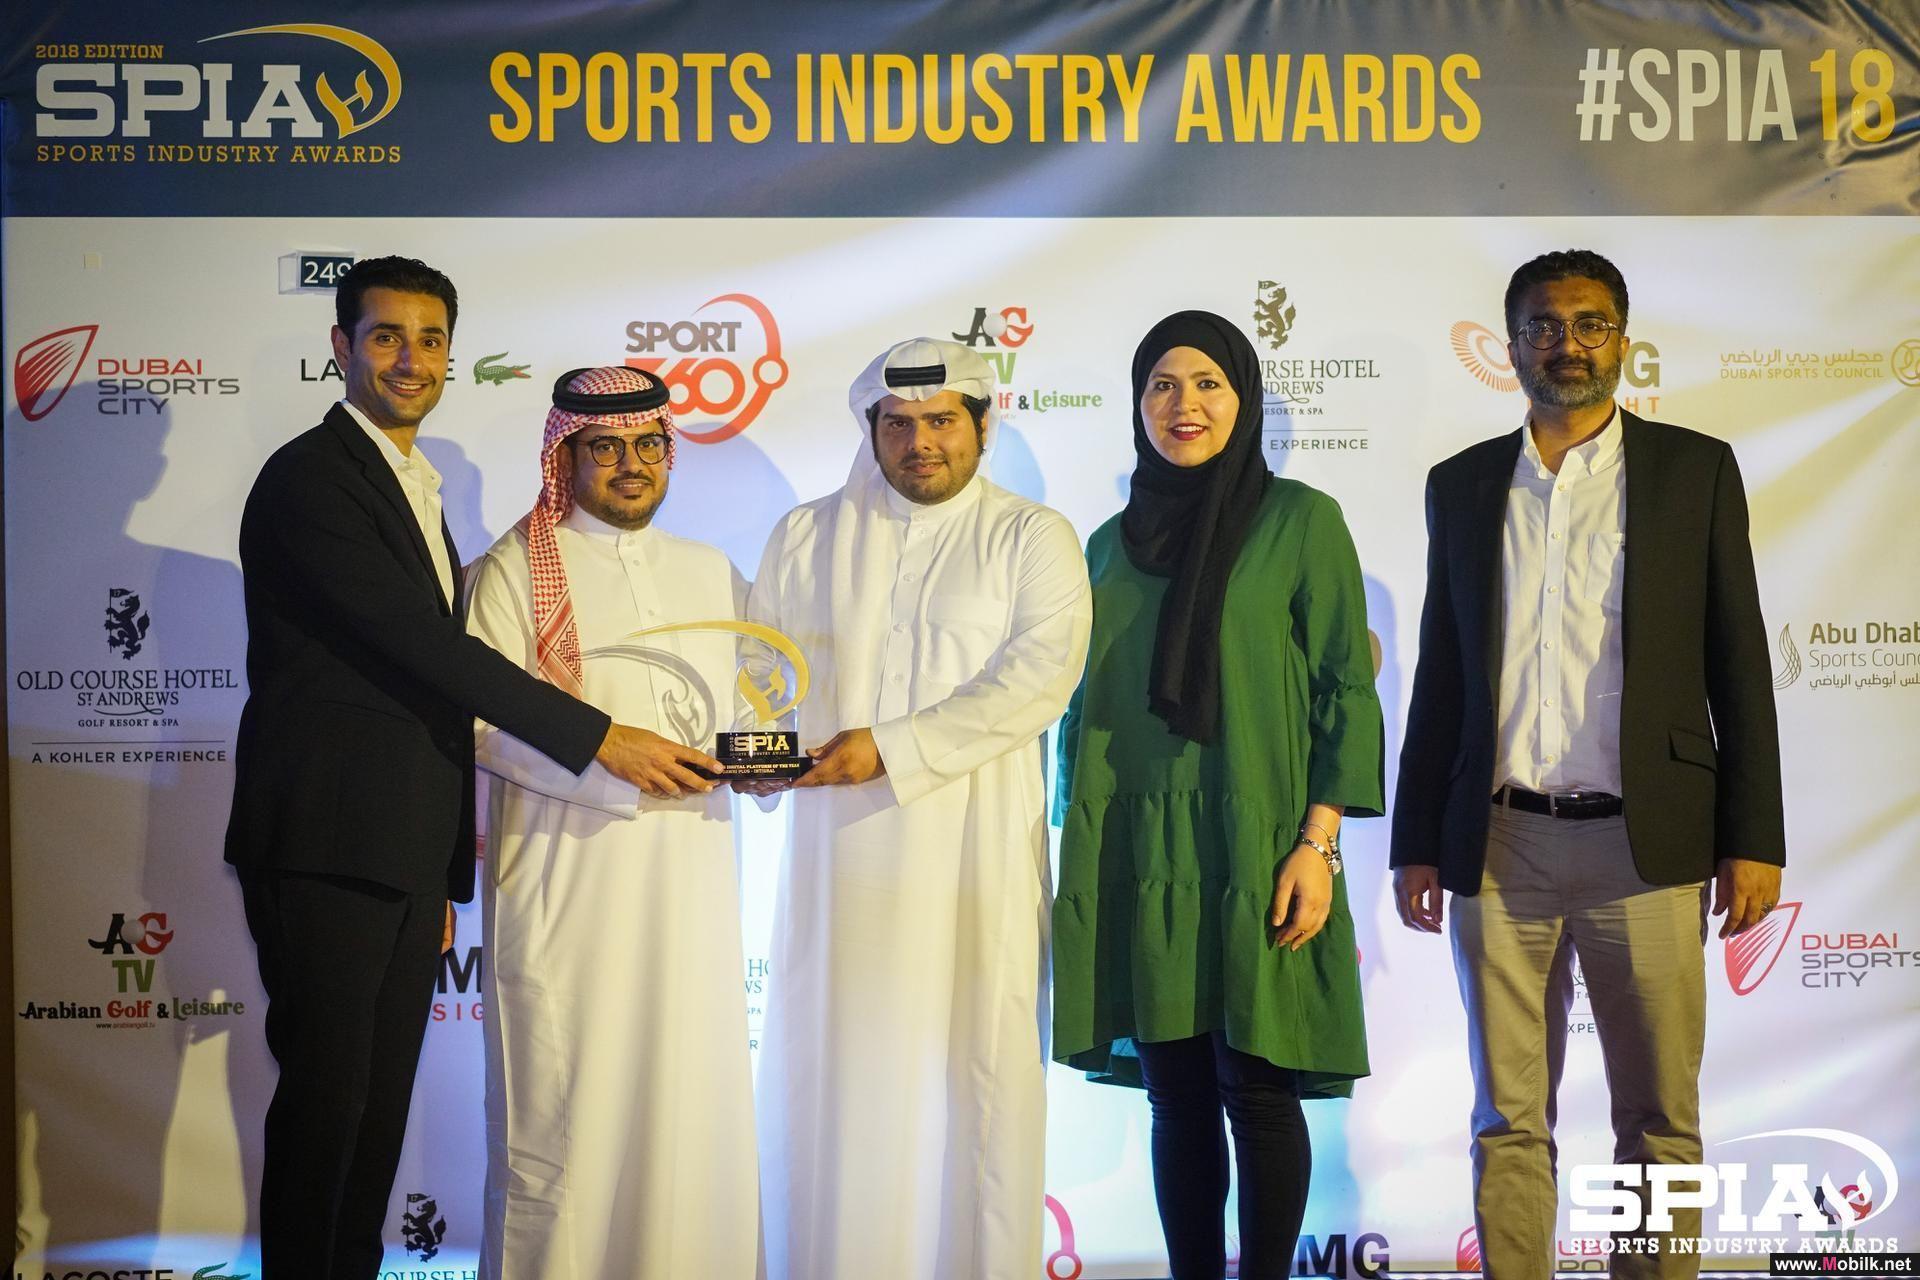 الاتصالات السعودية تحصد ثلاث جوائز في صناعة الرياضة بالشرق الأوسط